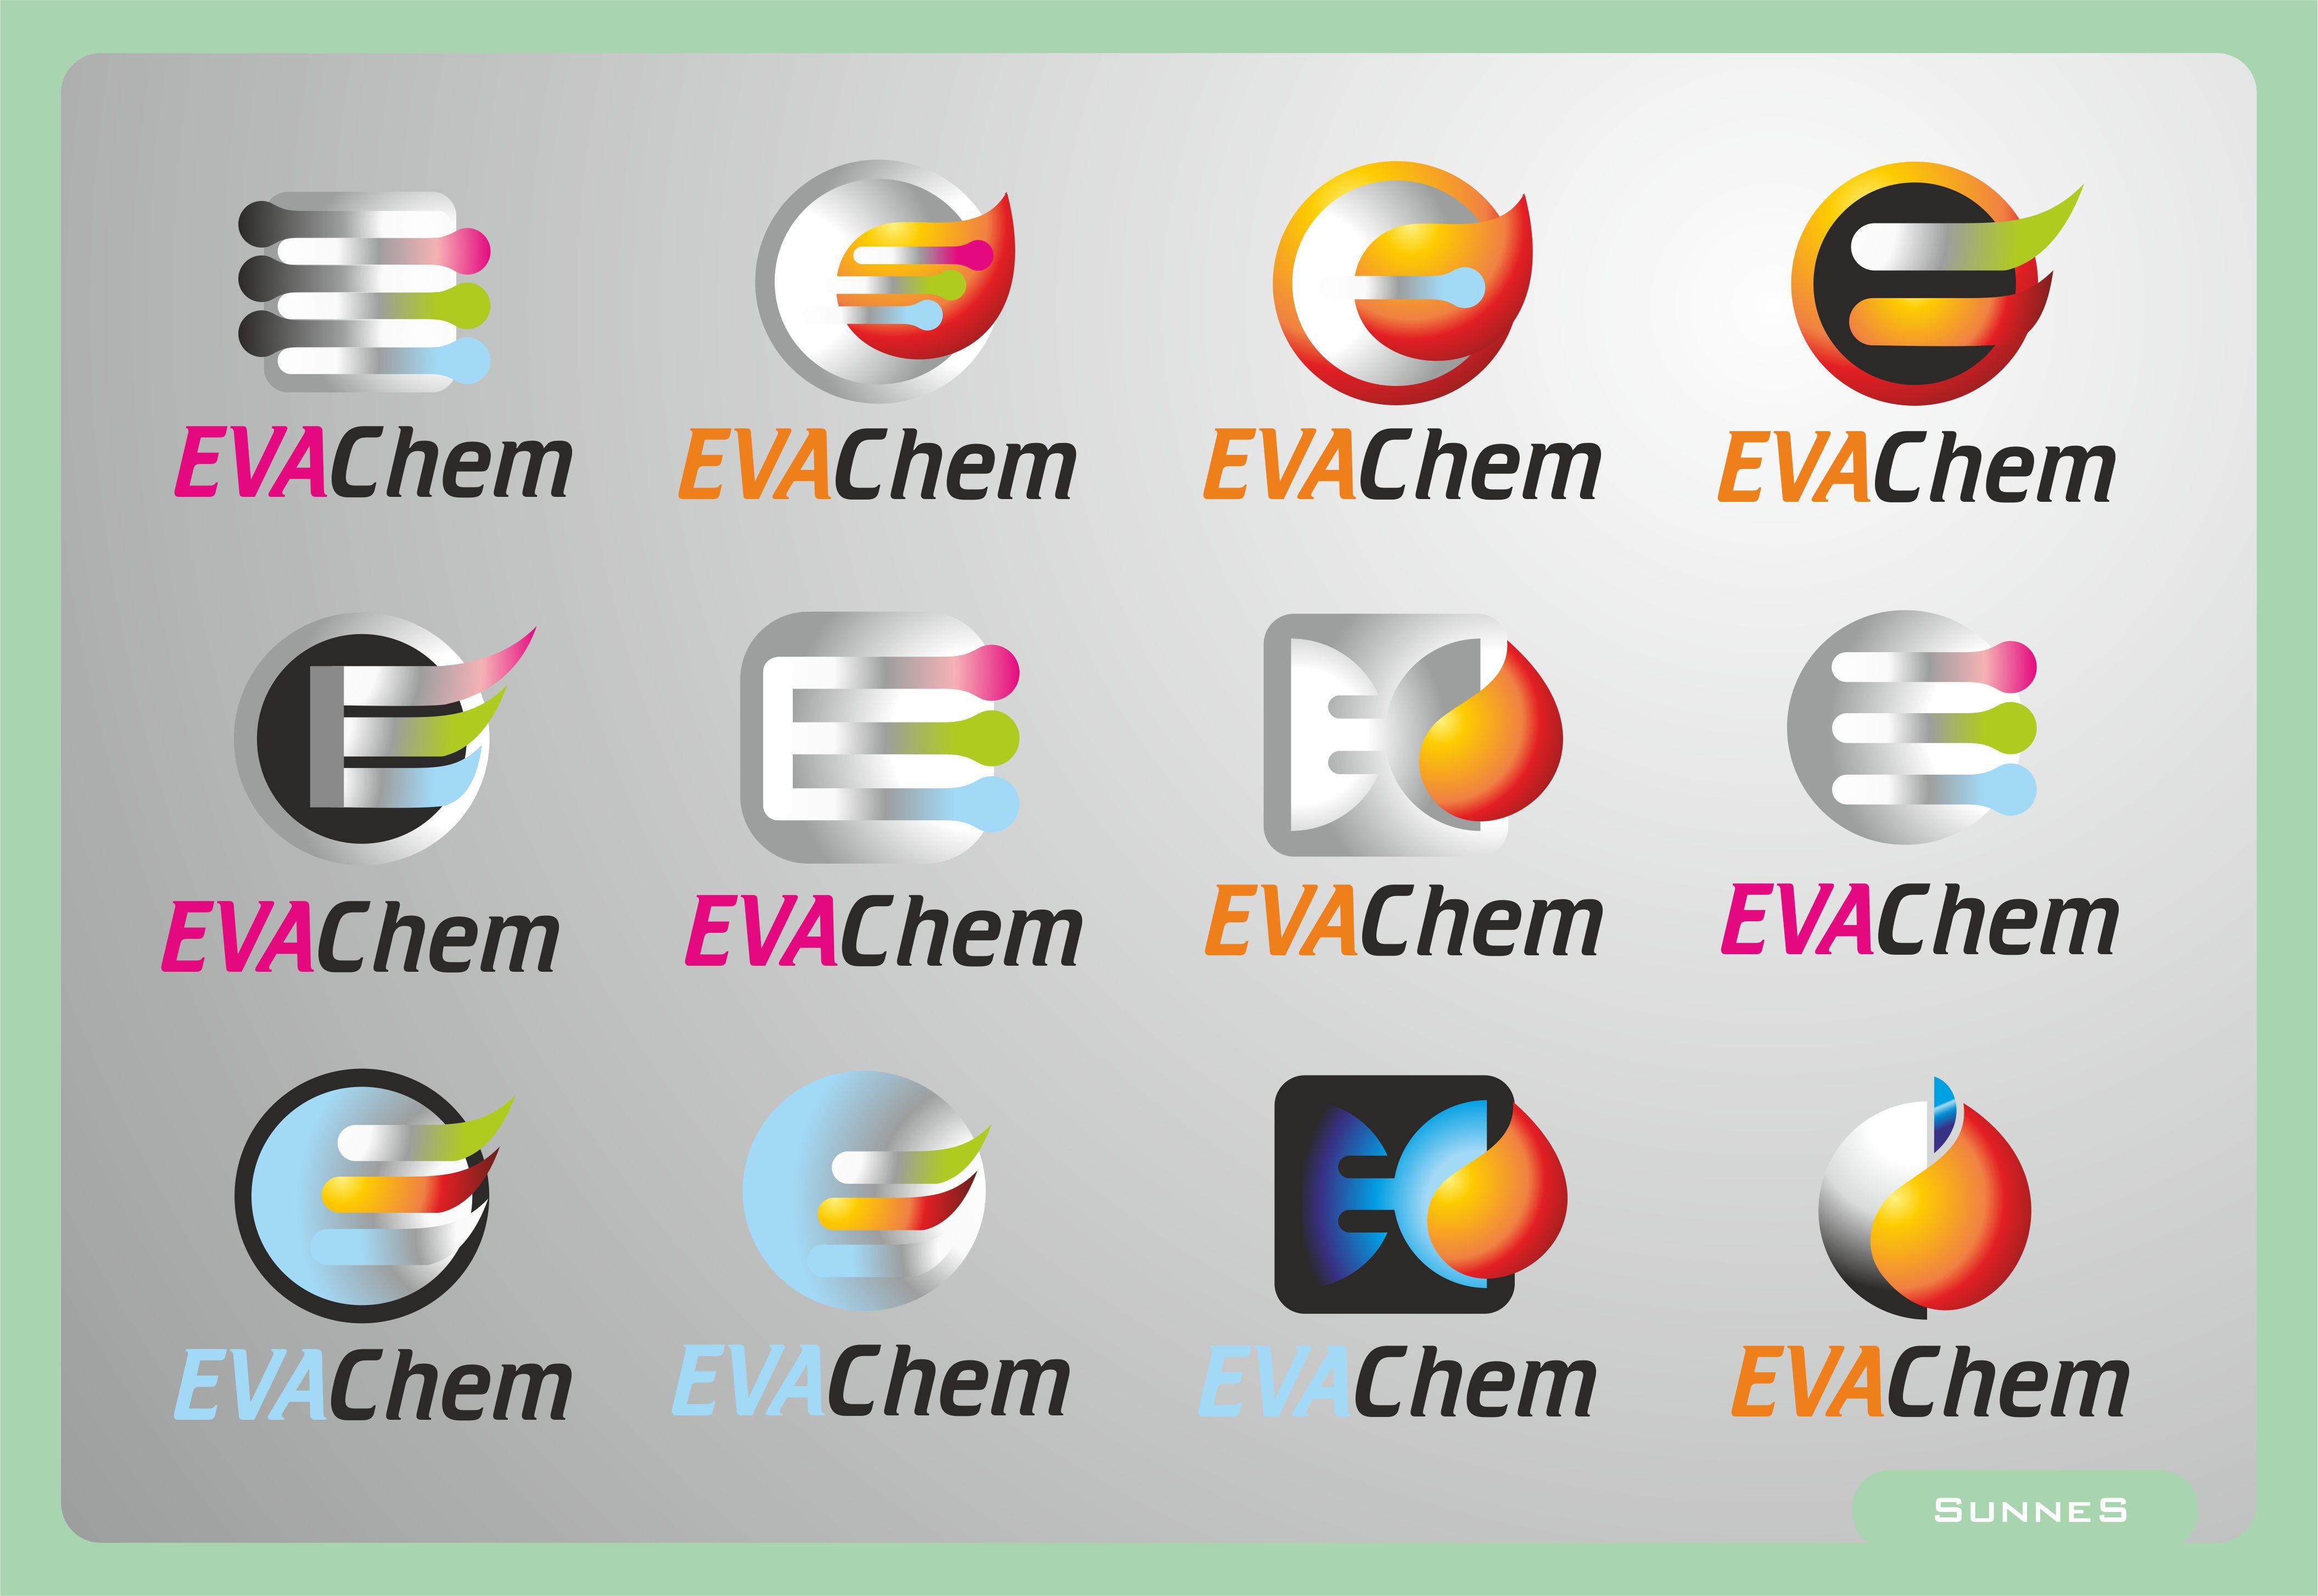 Разработка логотипа и фирменного стиля компании фото f_229572a264e37119.jpg